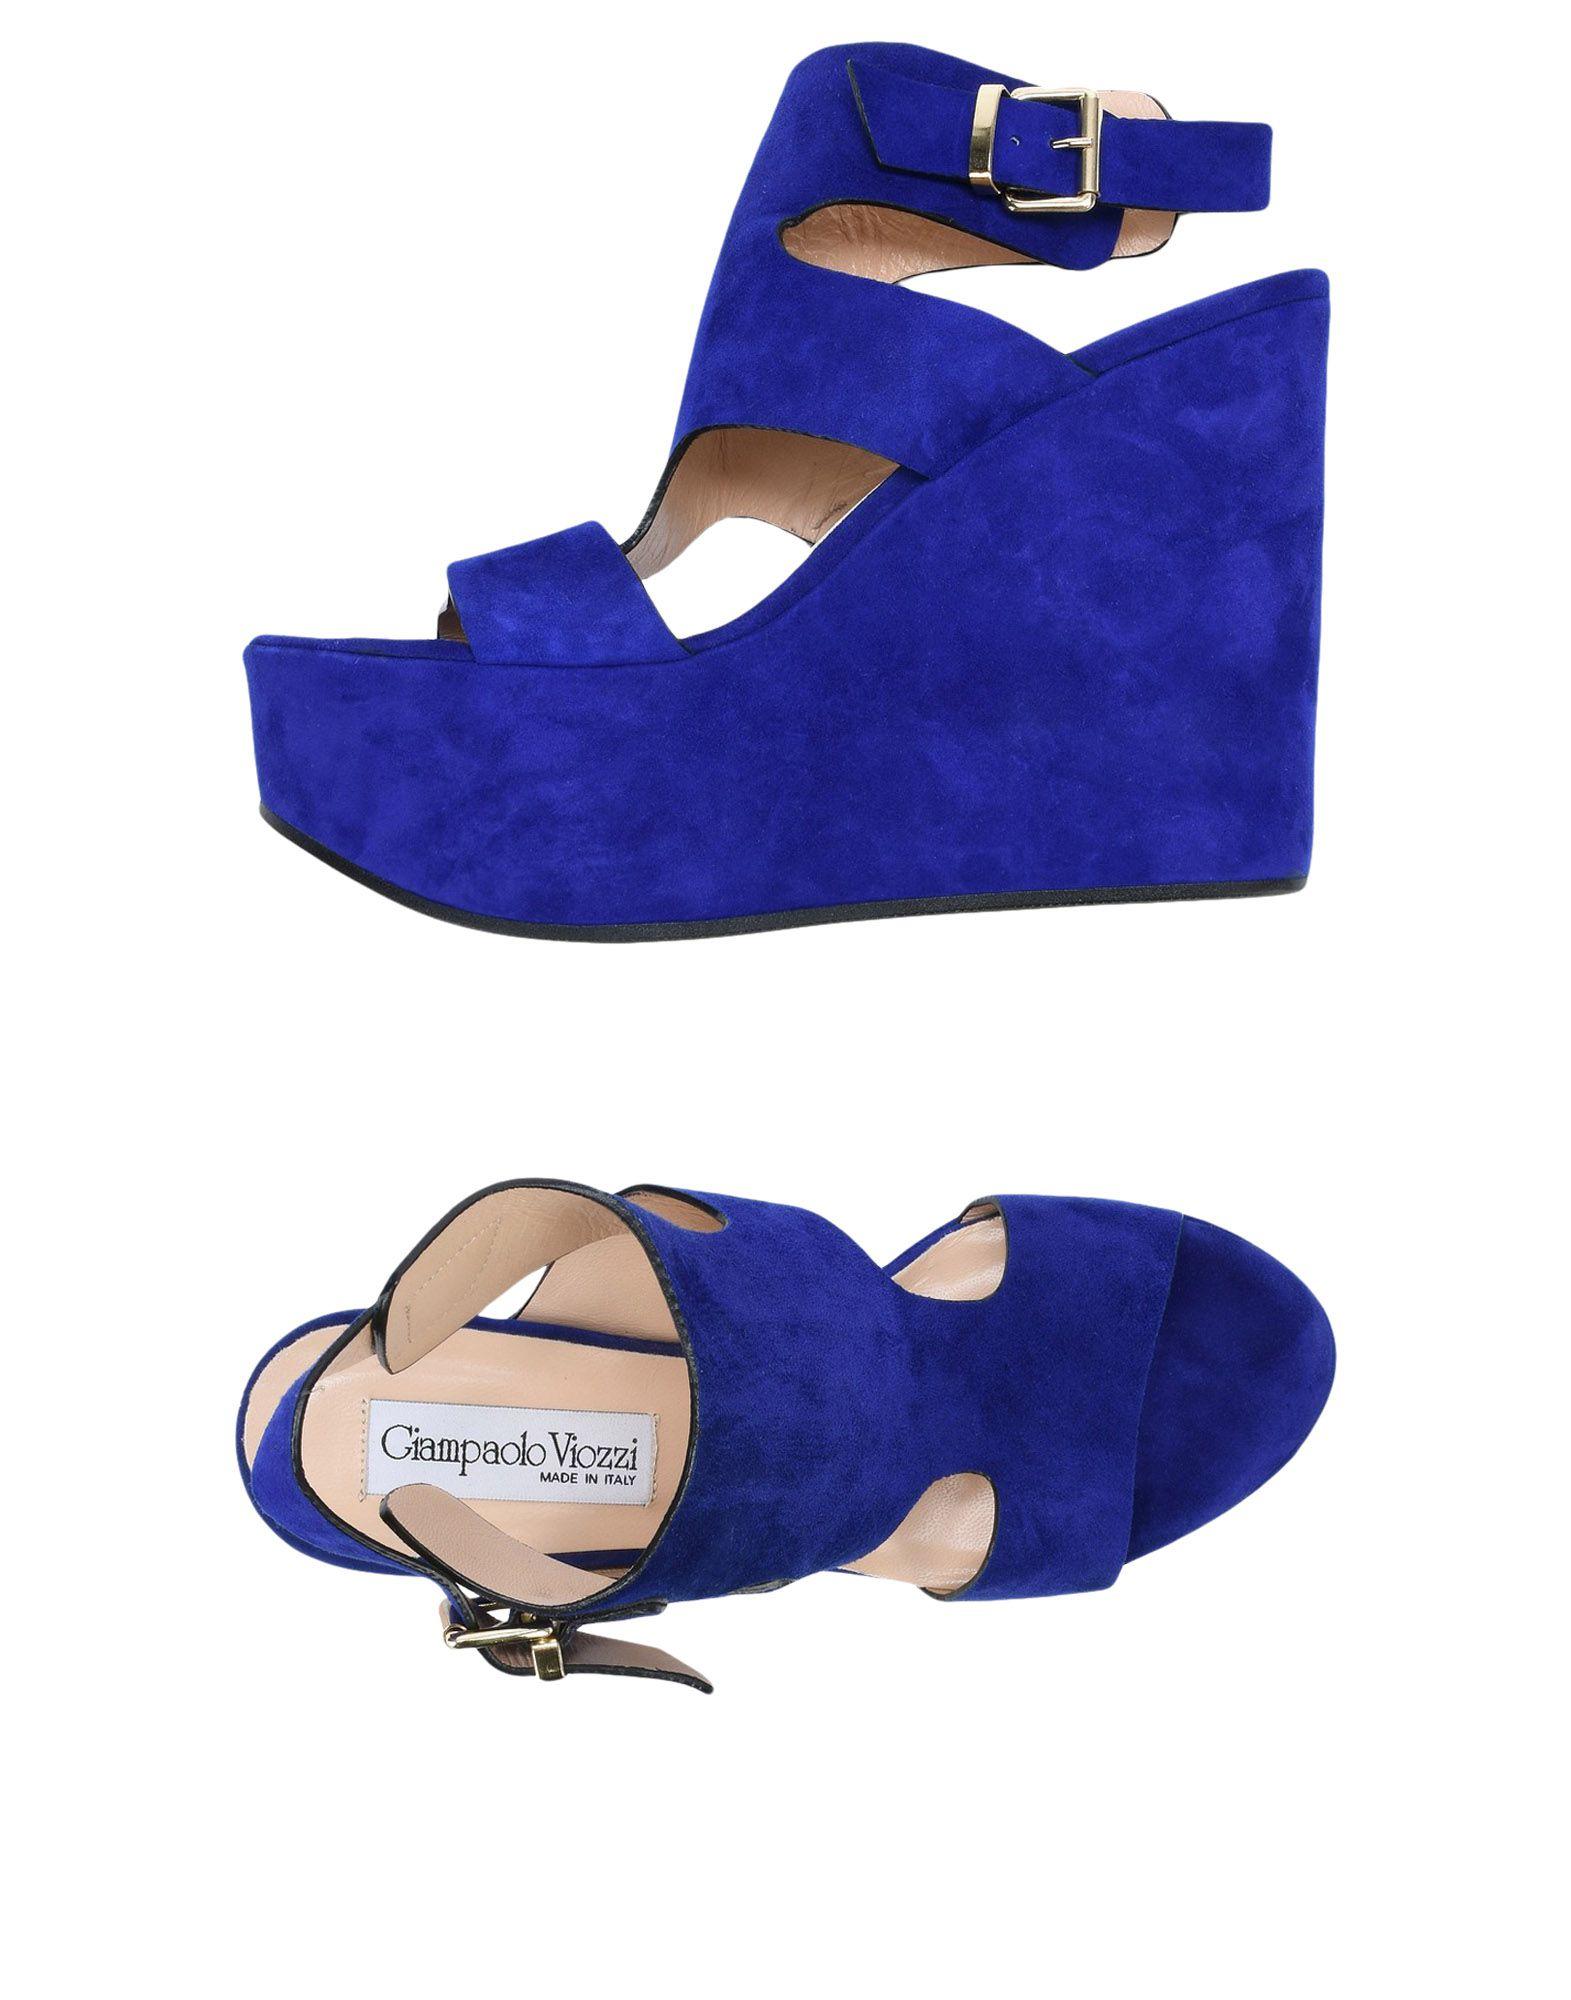 Giampaolo Viozzi Sandalen Damen    11495670OT Gute Qualität beliebte Schuhe a94630